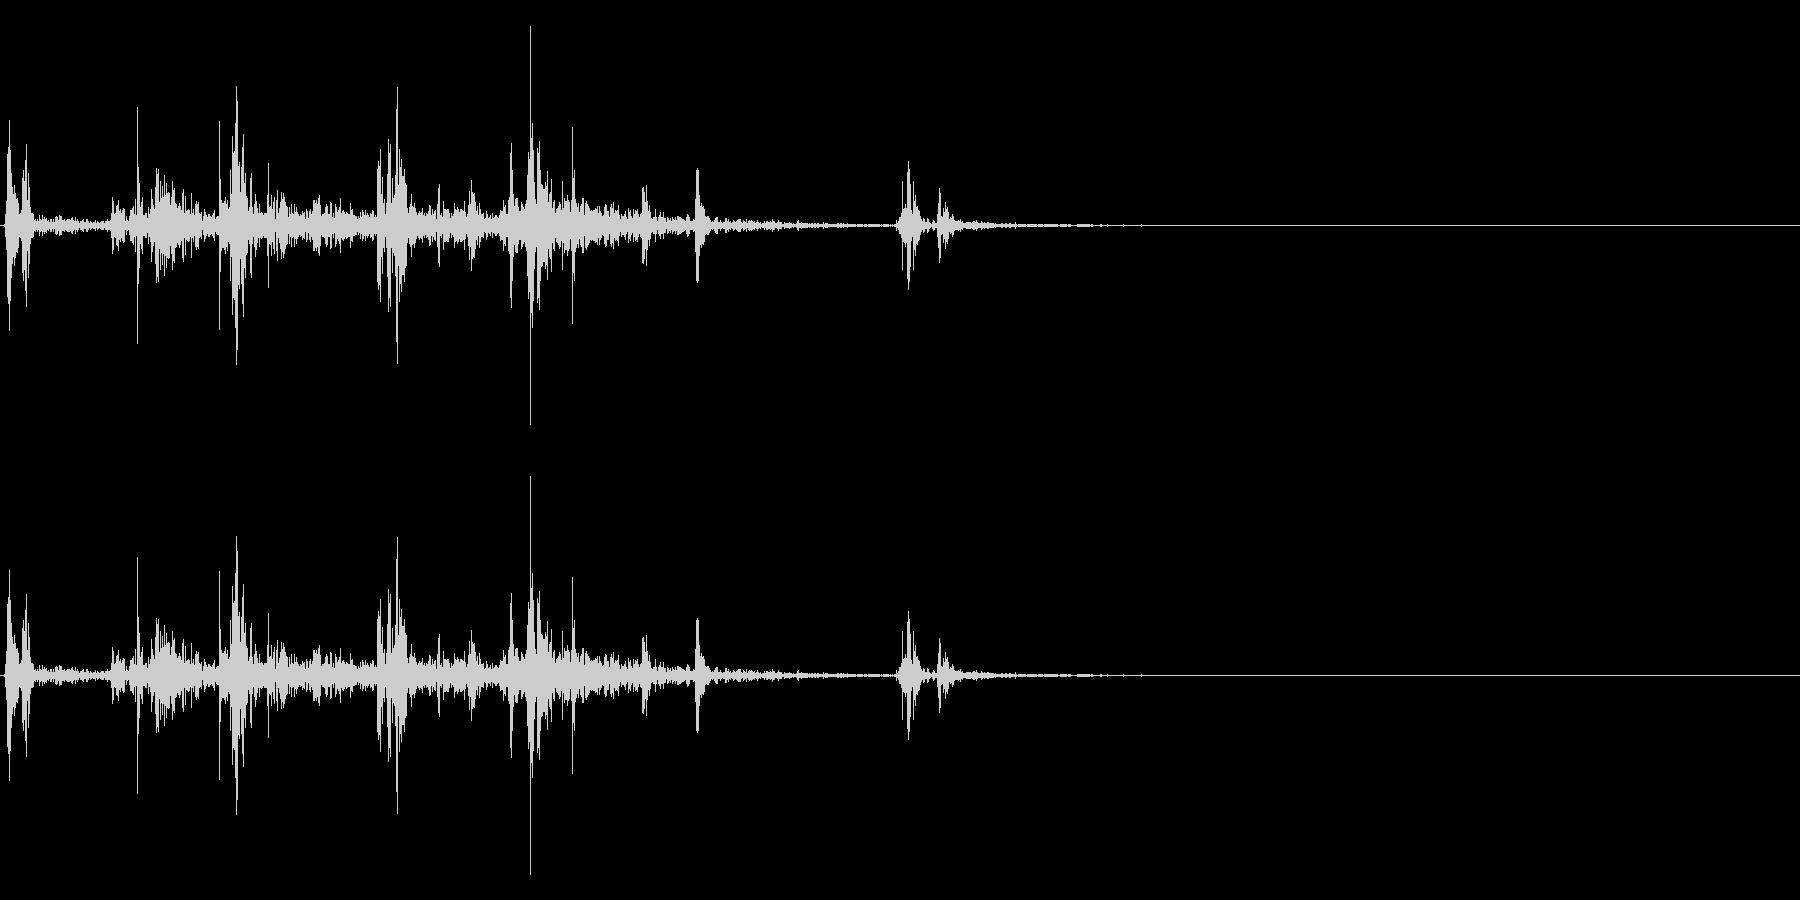 【生録音】ルービックキューブの操作音 4の未再生の波形